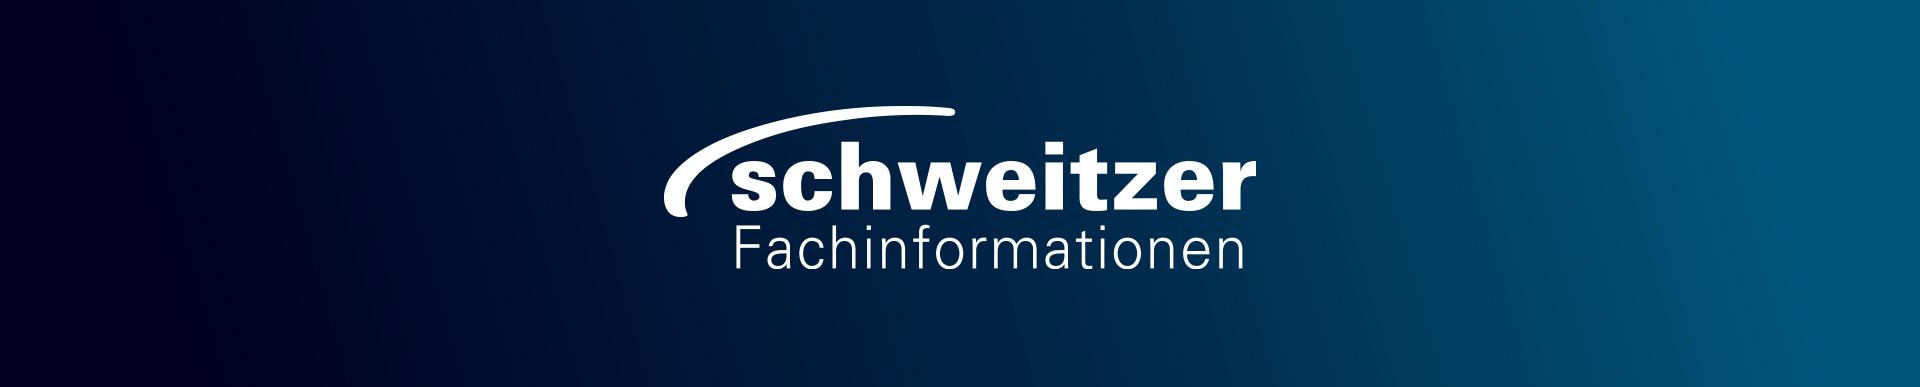 Digital Schweitzer Fachinformationen Titel